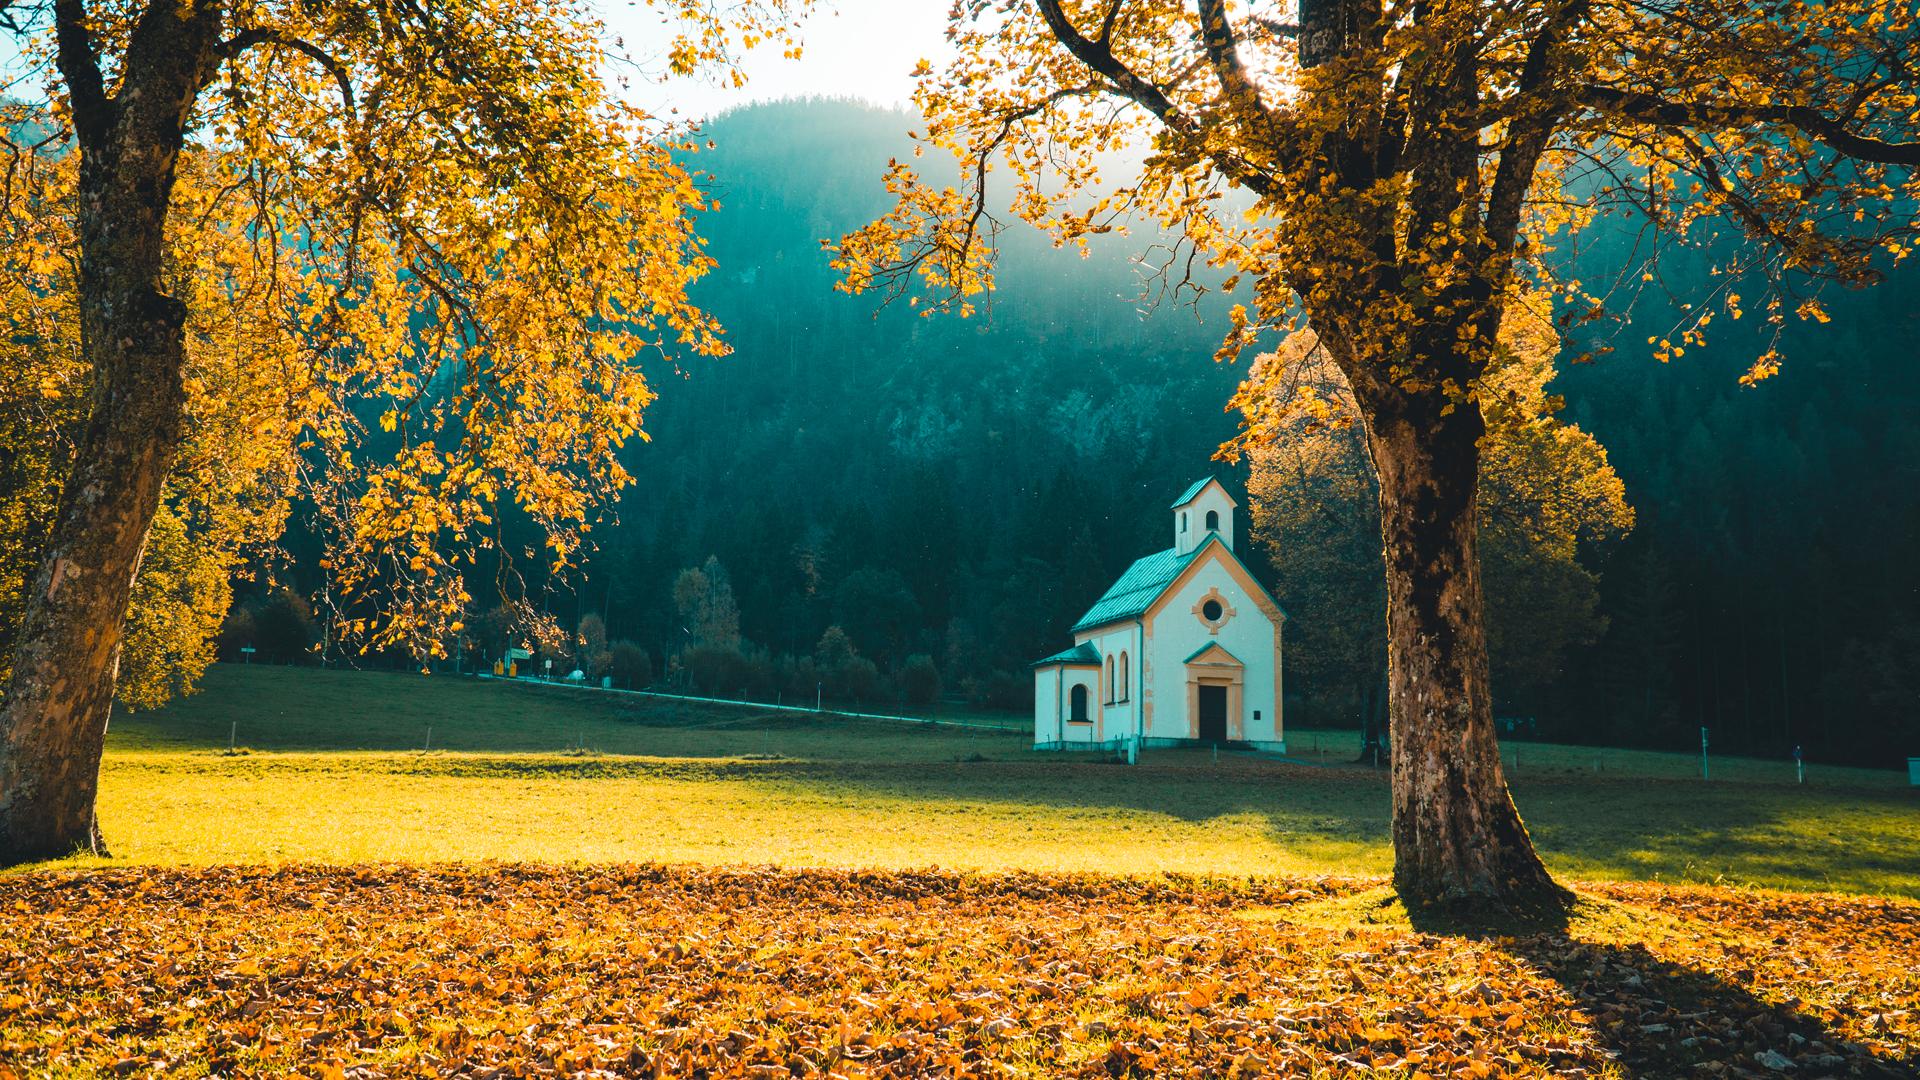 Mùa thu lá vàng cực kỳ đẹp mắt